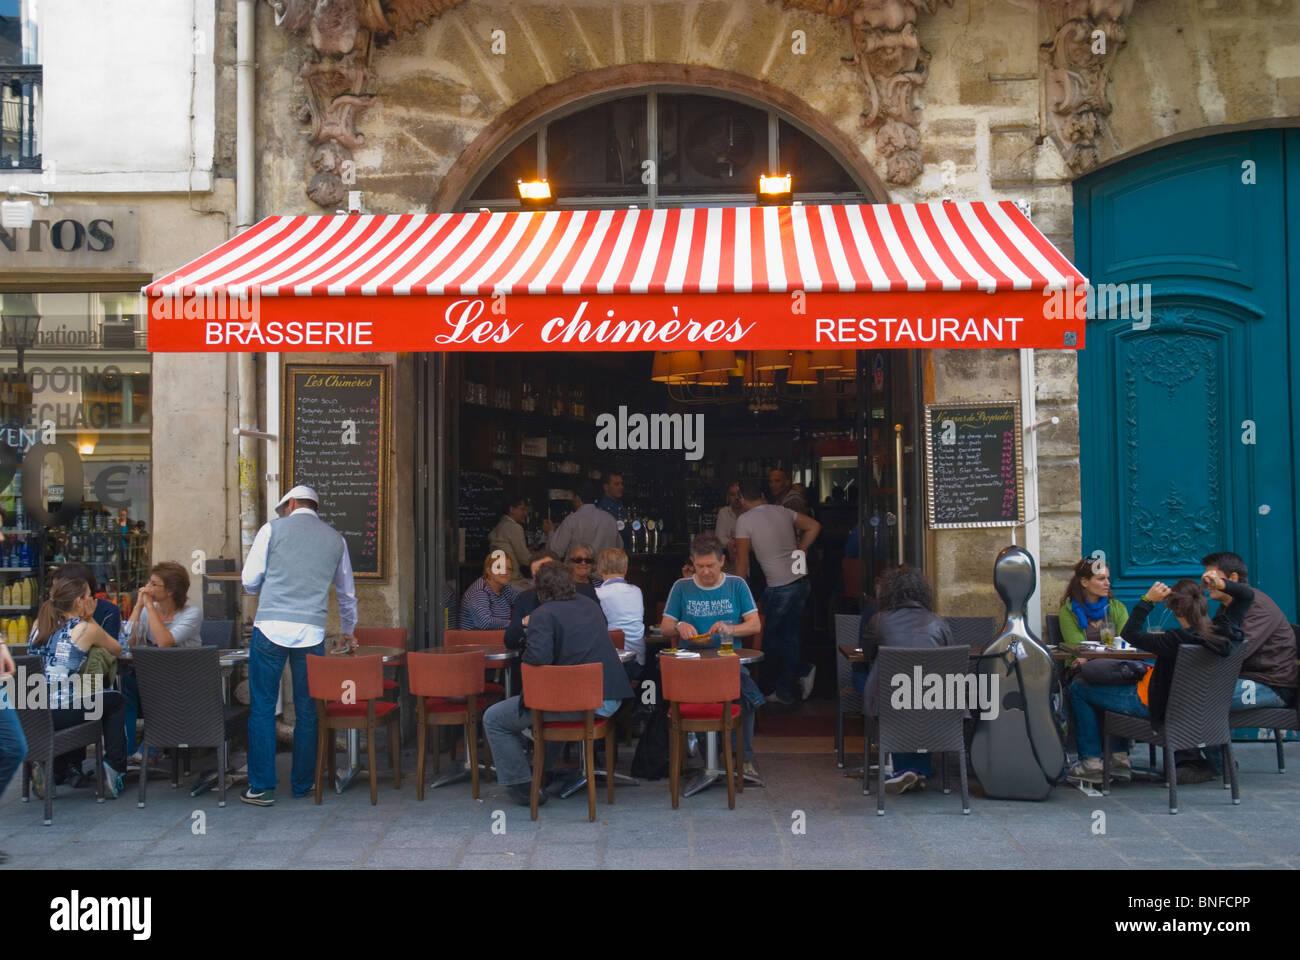 Brasserie Les Chimeres Rue Saint Antoine Le Marais district Paris France Europe - Stock Image